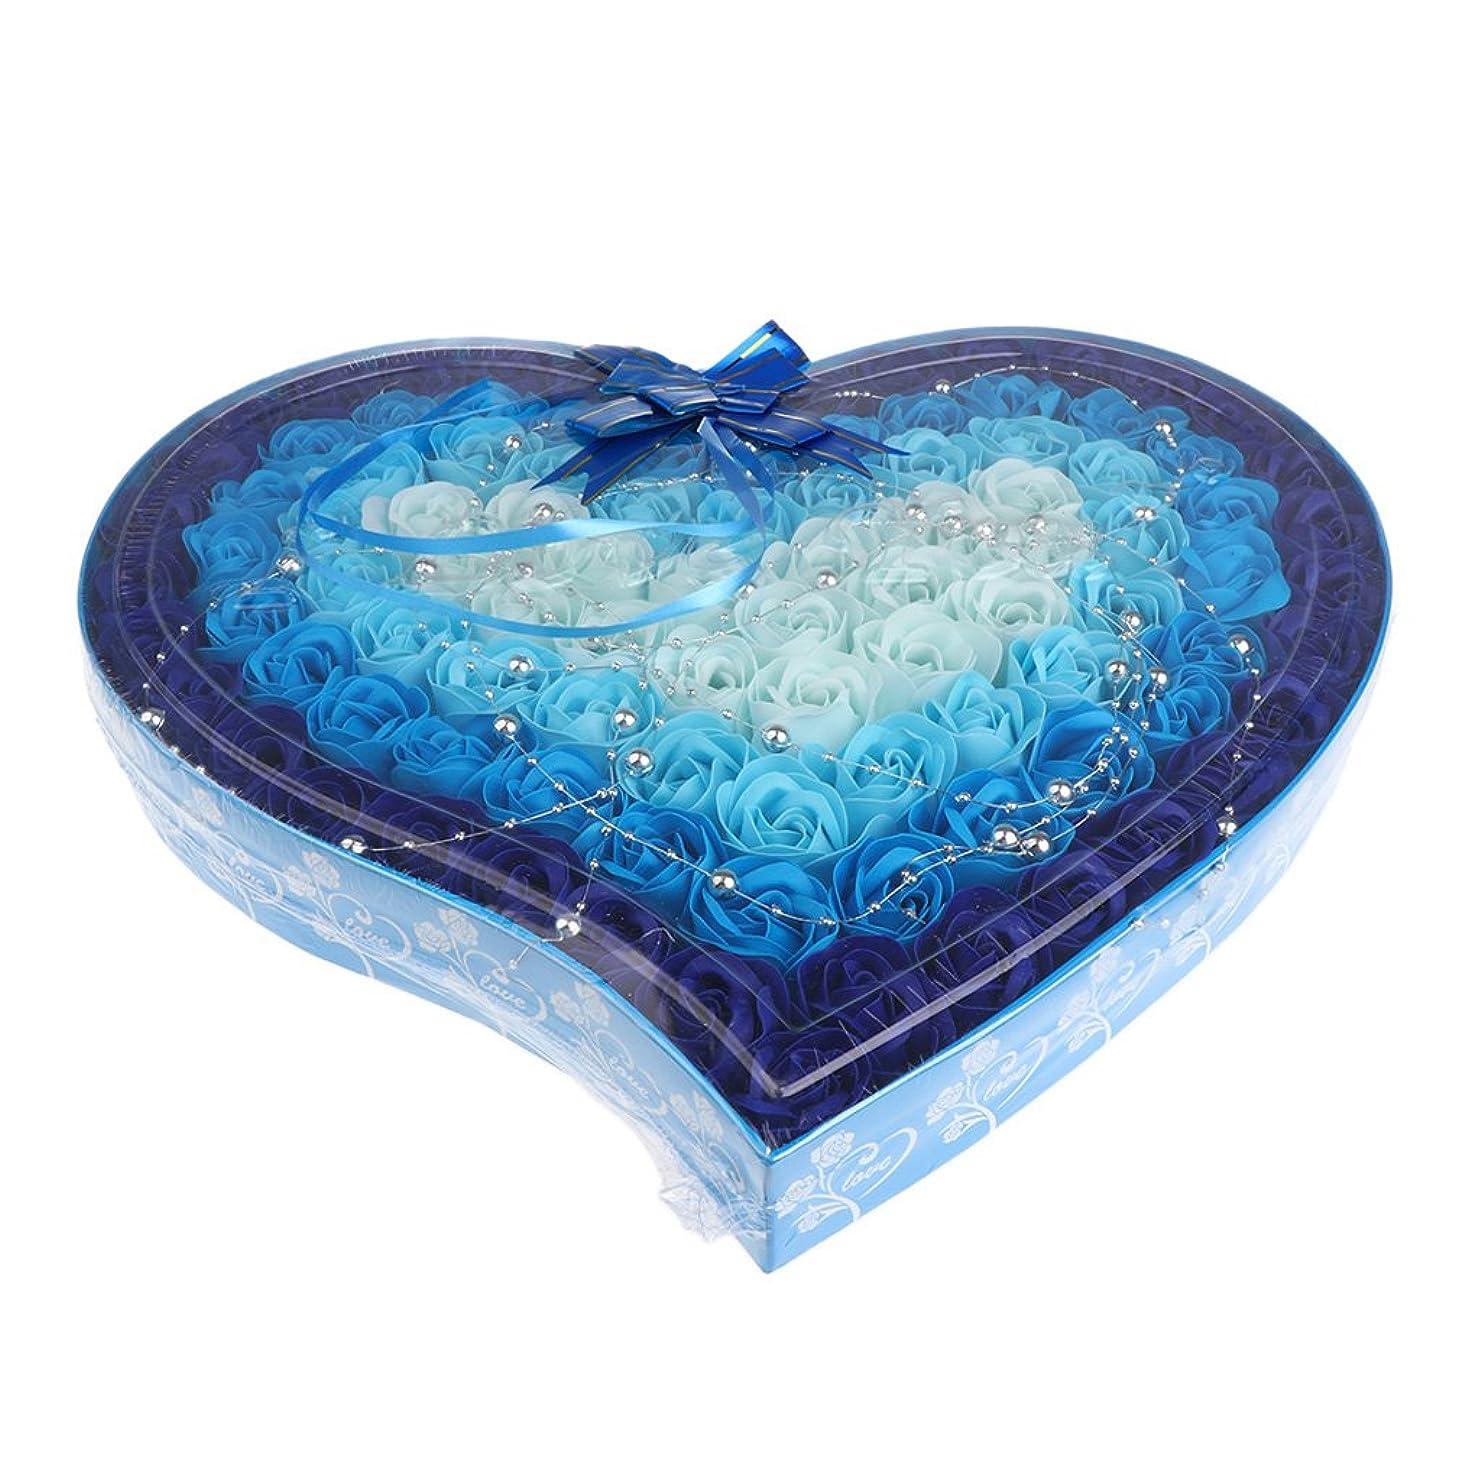 中間配管工有望Kesoto 石鹸の花 造花 ソープフラワー 心の形 ギフトボックス  母の日   バレンタイン プレゼント 全4色選べる - 青